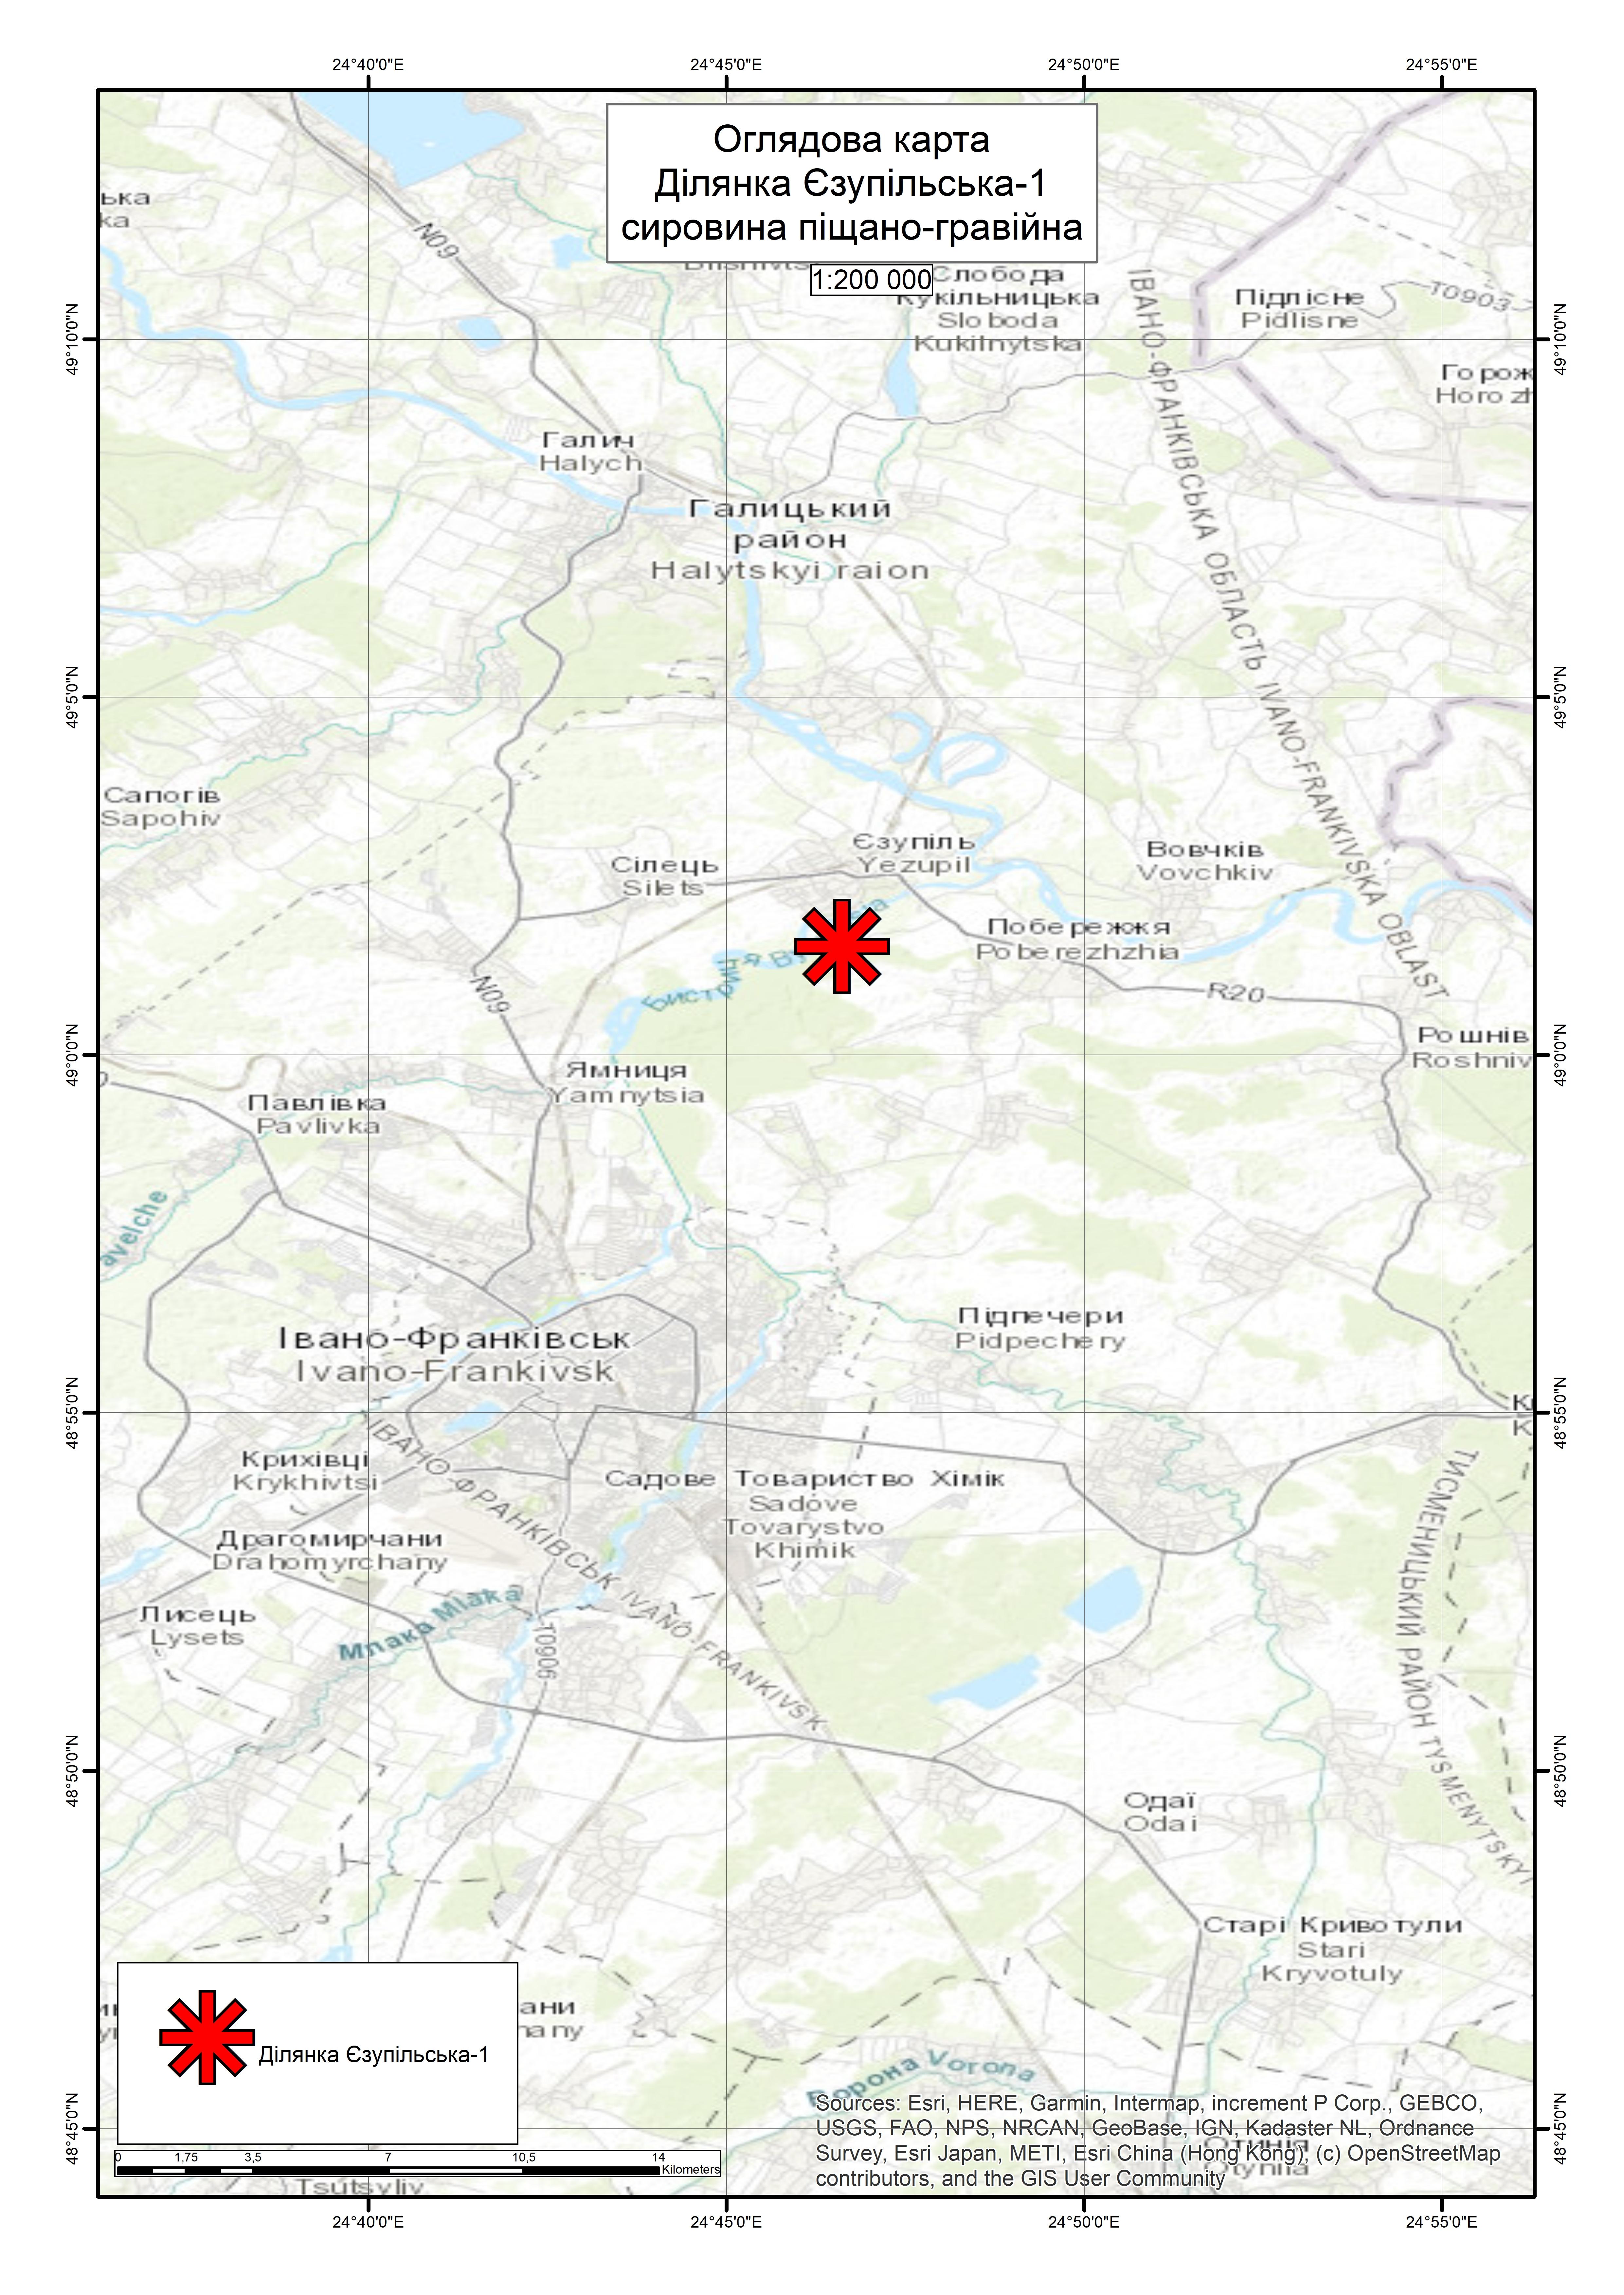 Спеціальний дозвіл на користування надрами – Ділянка Єзупільська-1. Вартість геологічної інформації – 66 849,09 грн (з ПДВ). Вартість пакету аукціонної документації – 4 500 грн (з ПДВ).